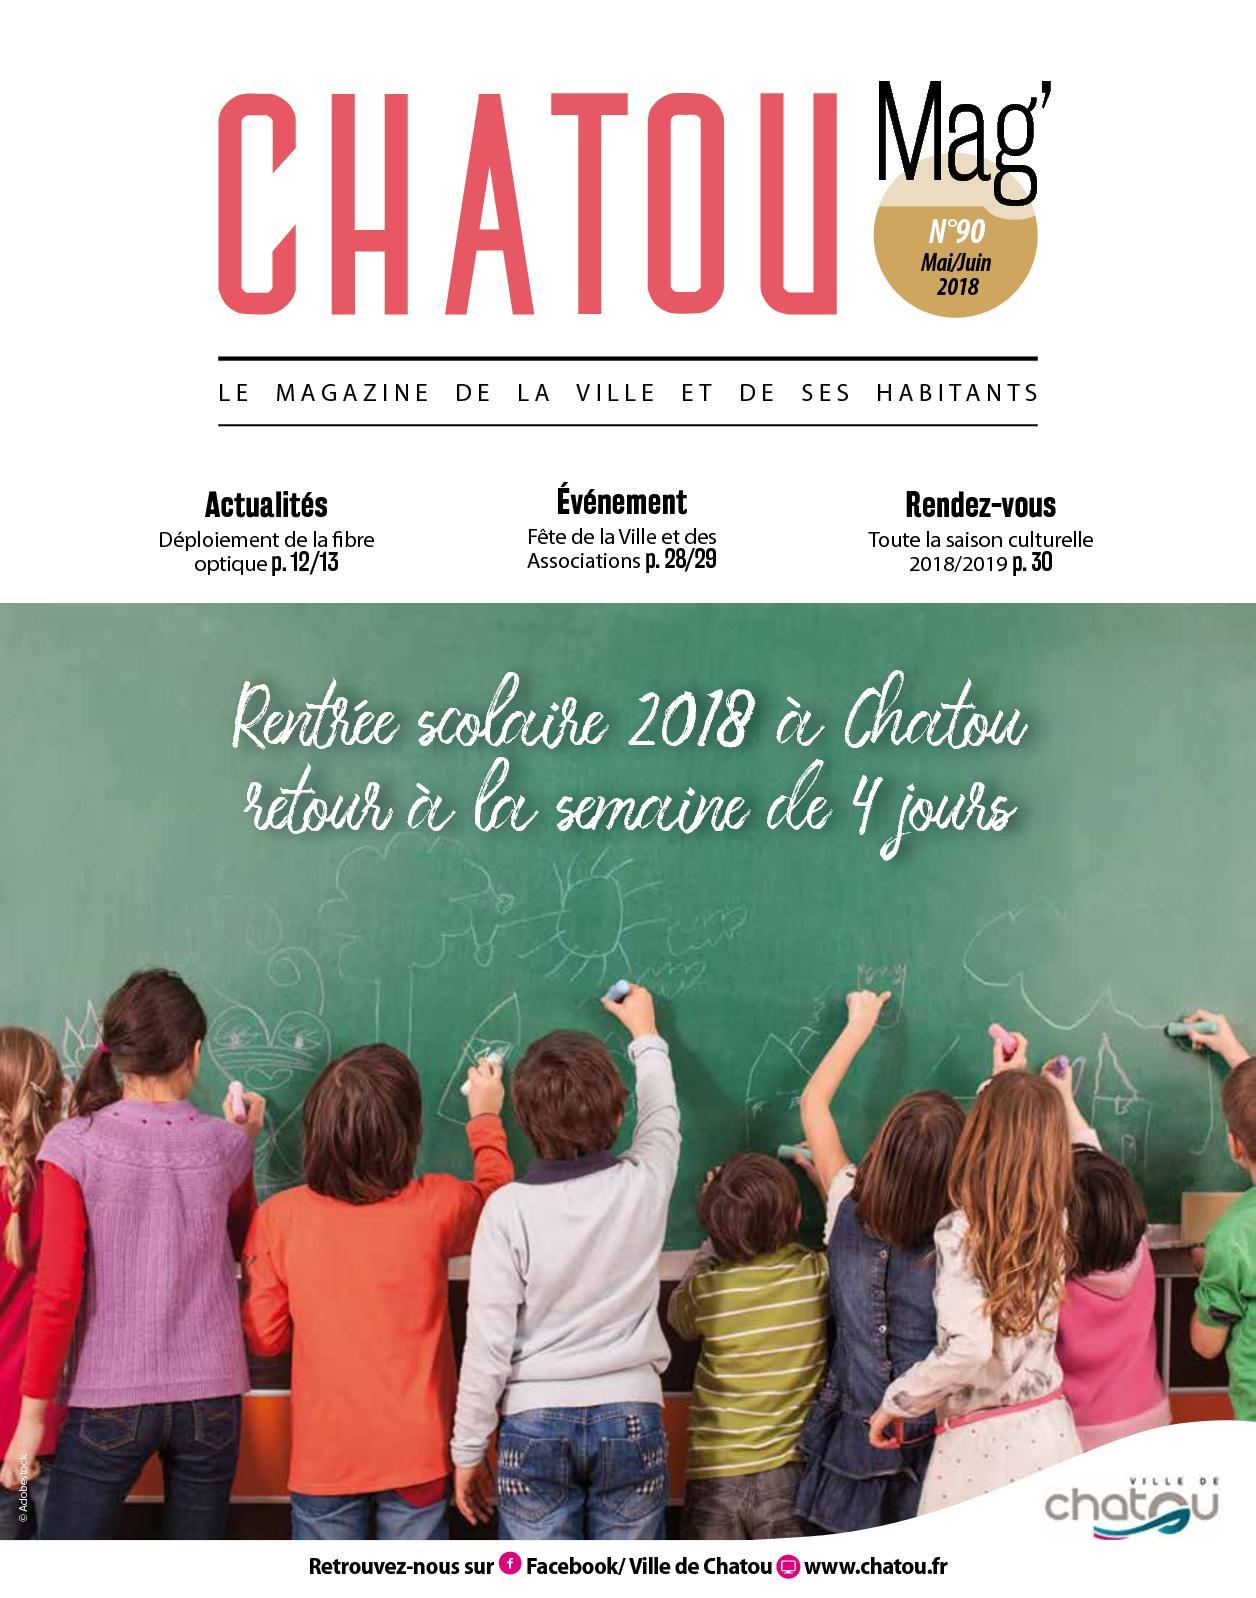 Mag' N°90 Chatou 2018 Calaméo Maijuin EIDbWH29eY